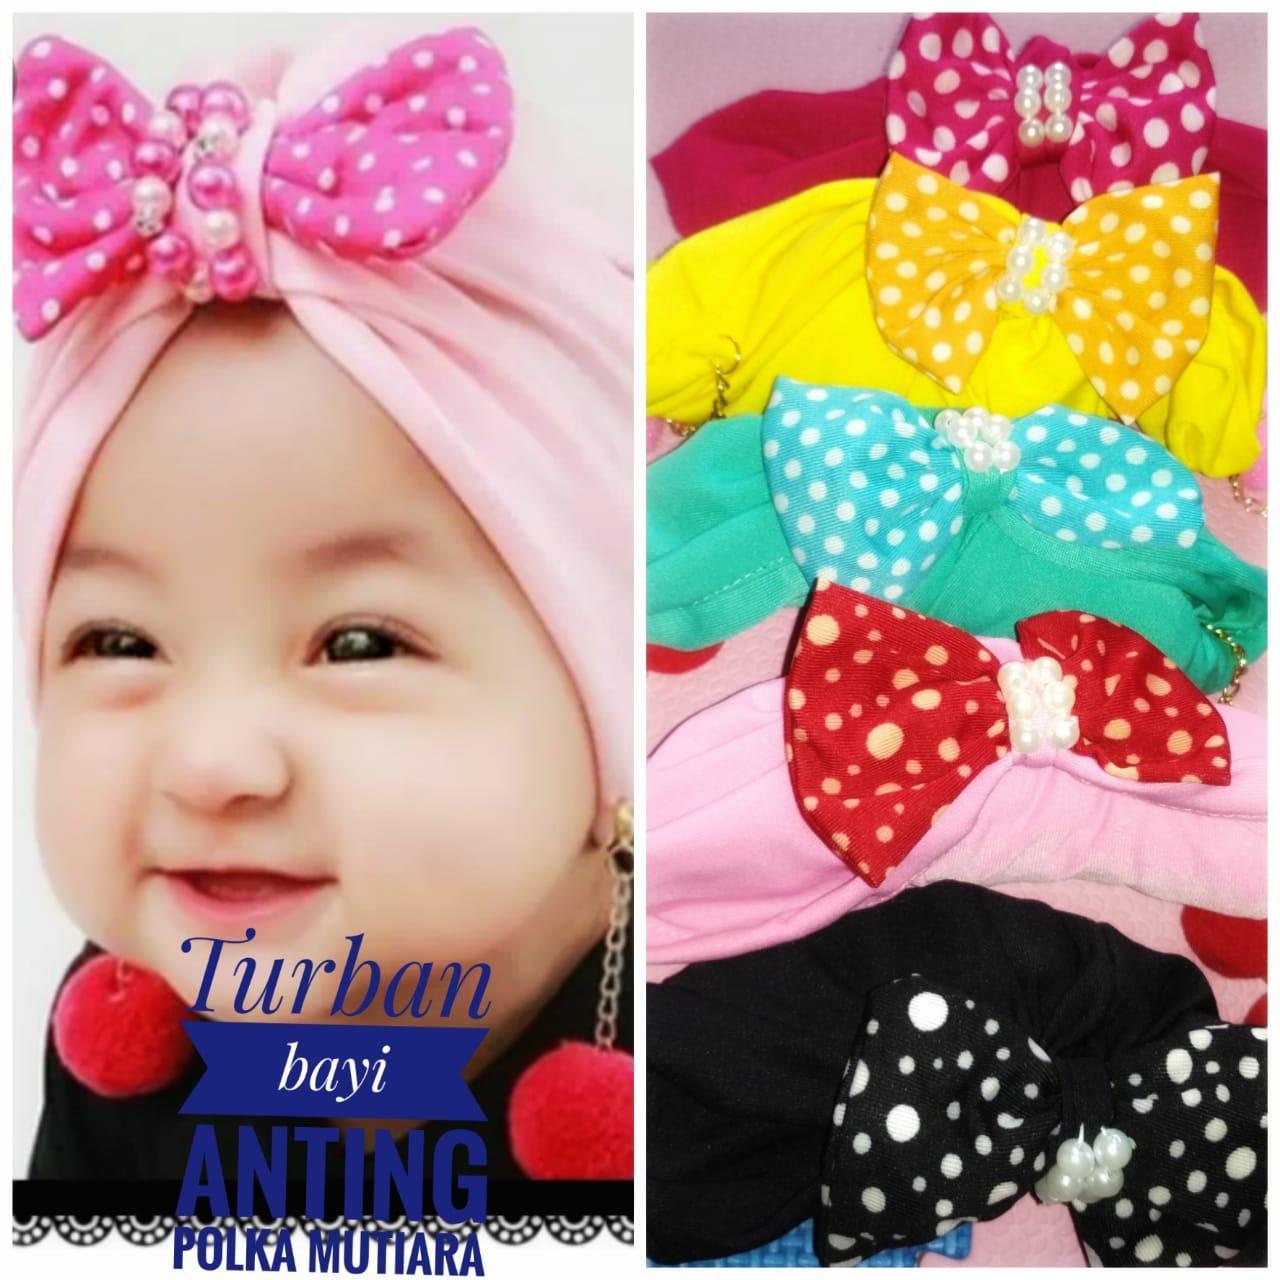 turban bayi anting mutiara